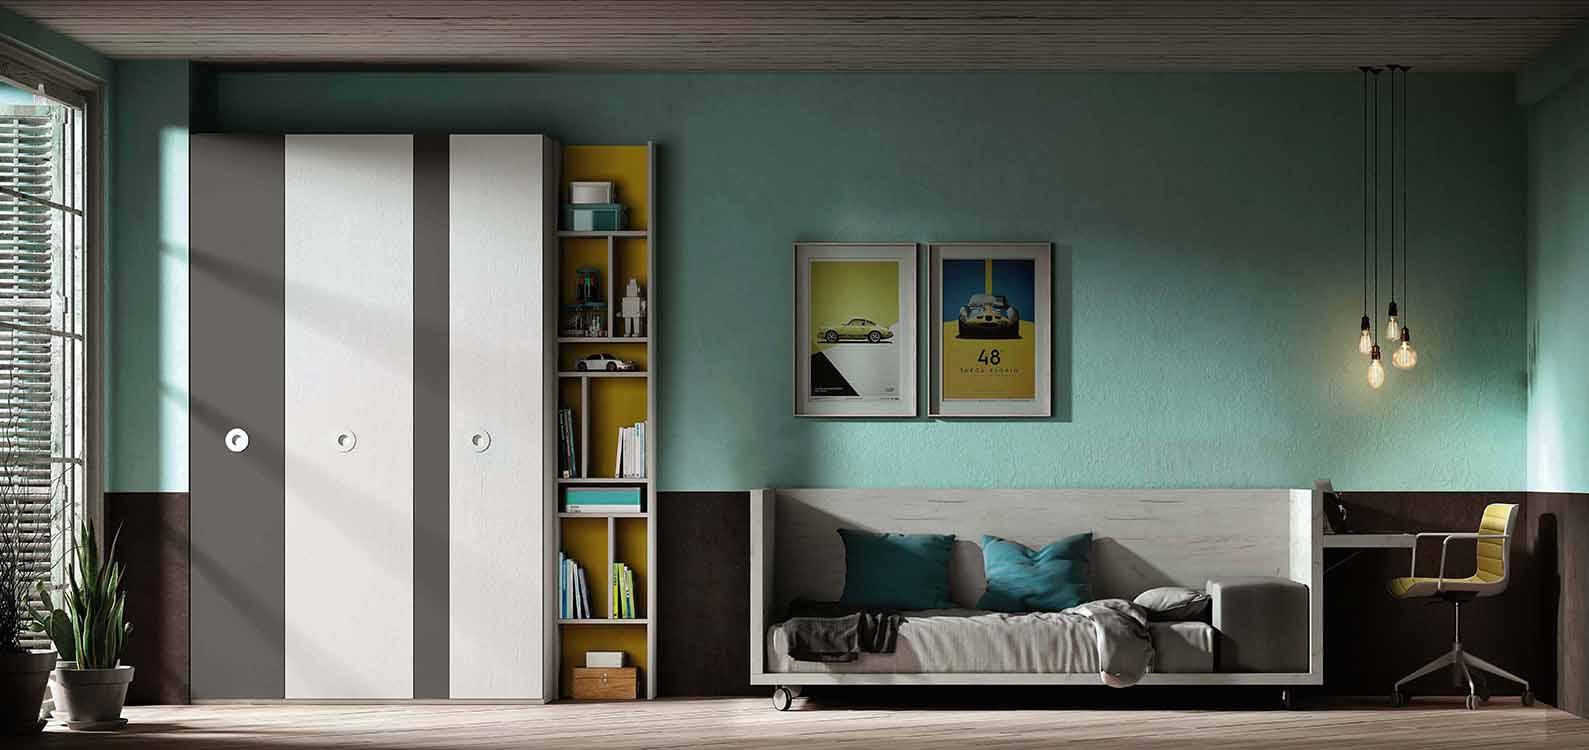 http://www.munozmuebles.net/nueva/catalogo/juveniles-modulares.html -  Establecimientos de muebles muy baratos